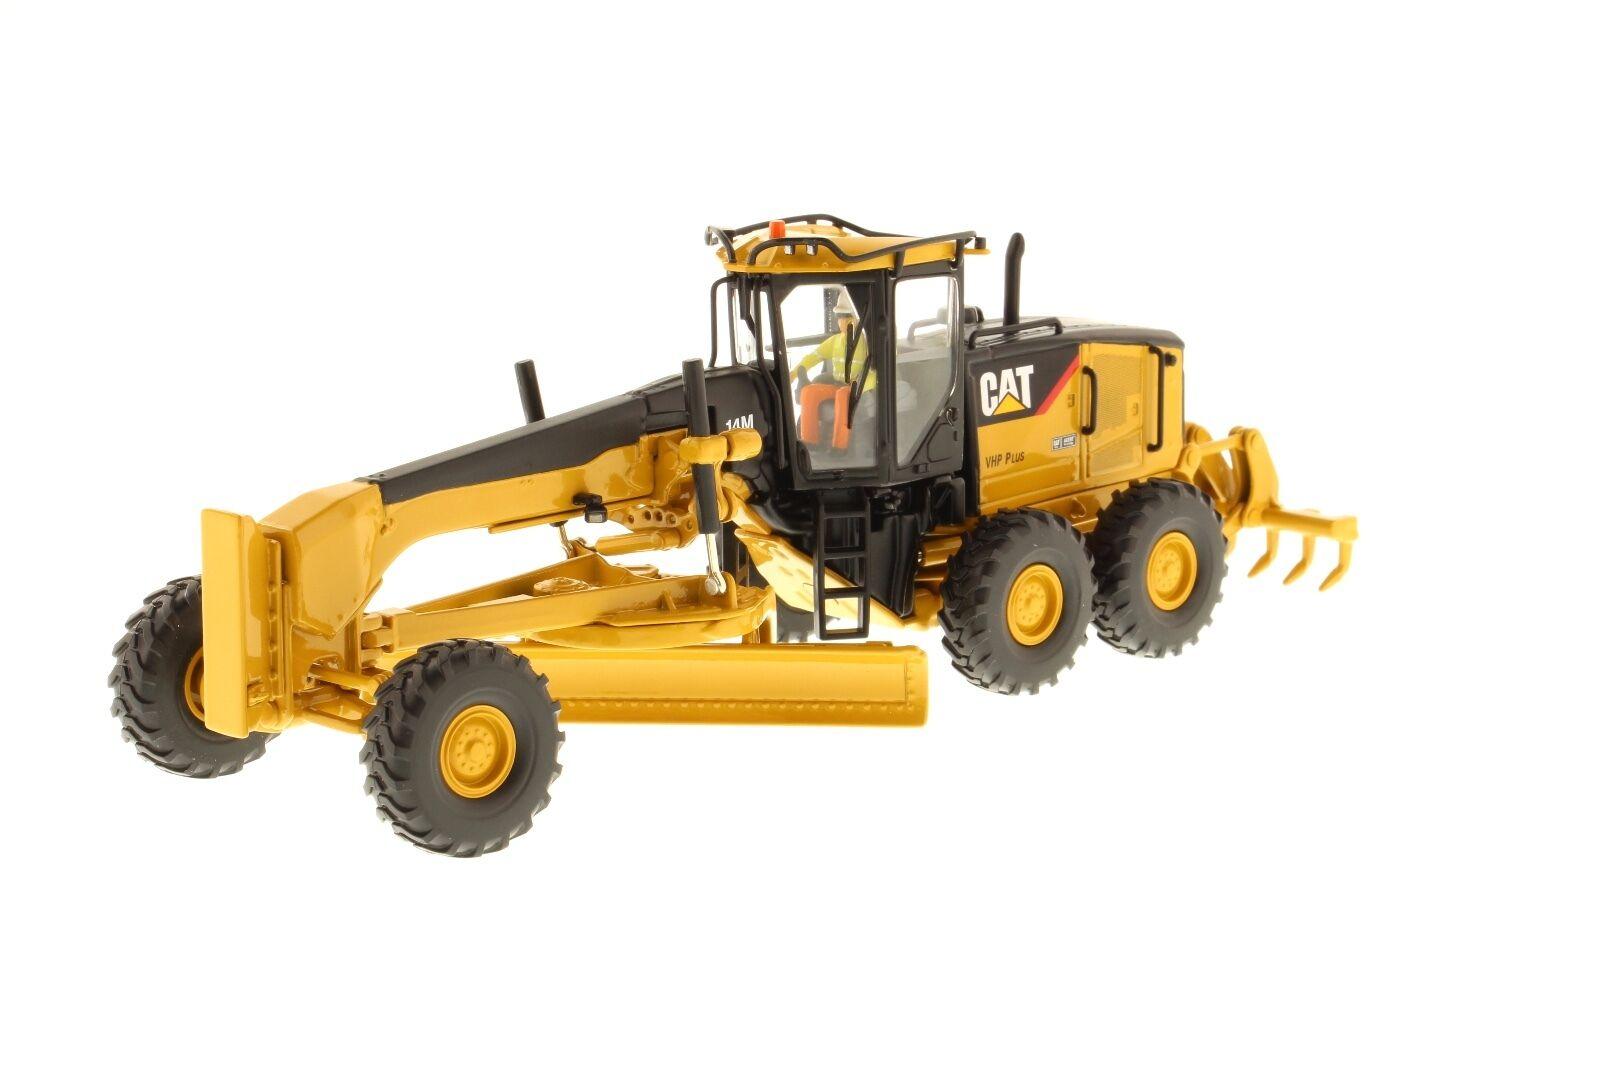 Caterpillar® 1 50 scale Cat 14M Motor Grader - Diecast Masters 85189